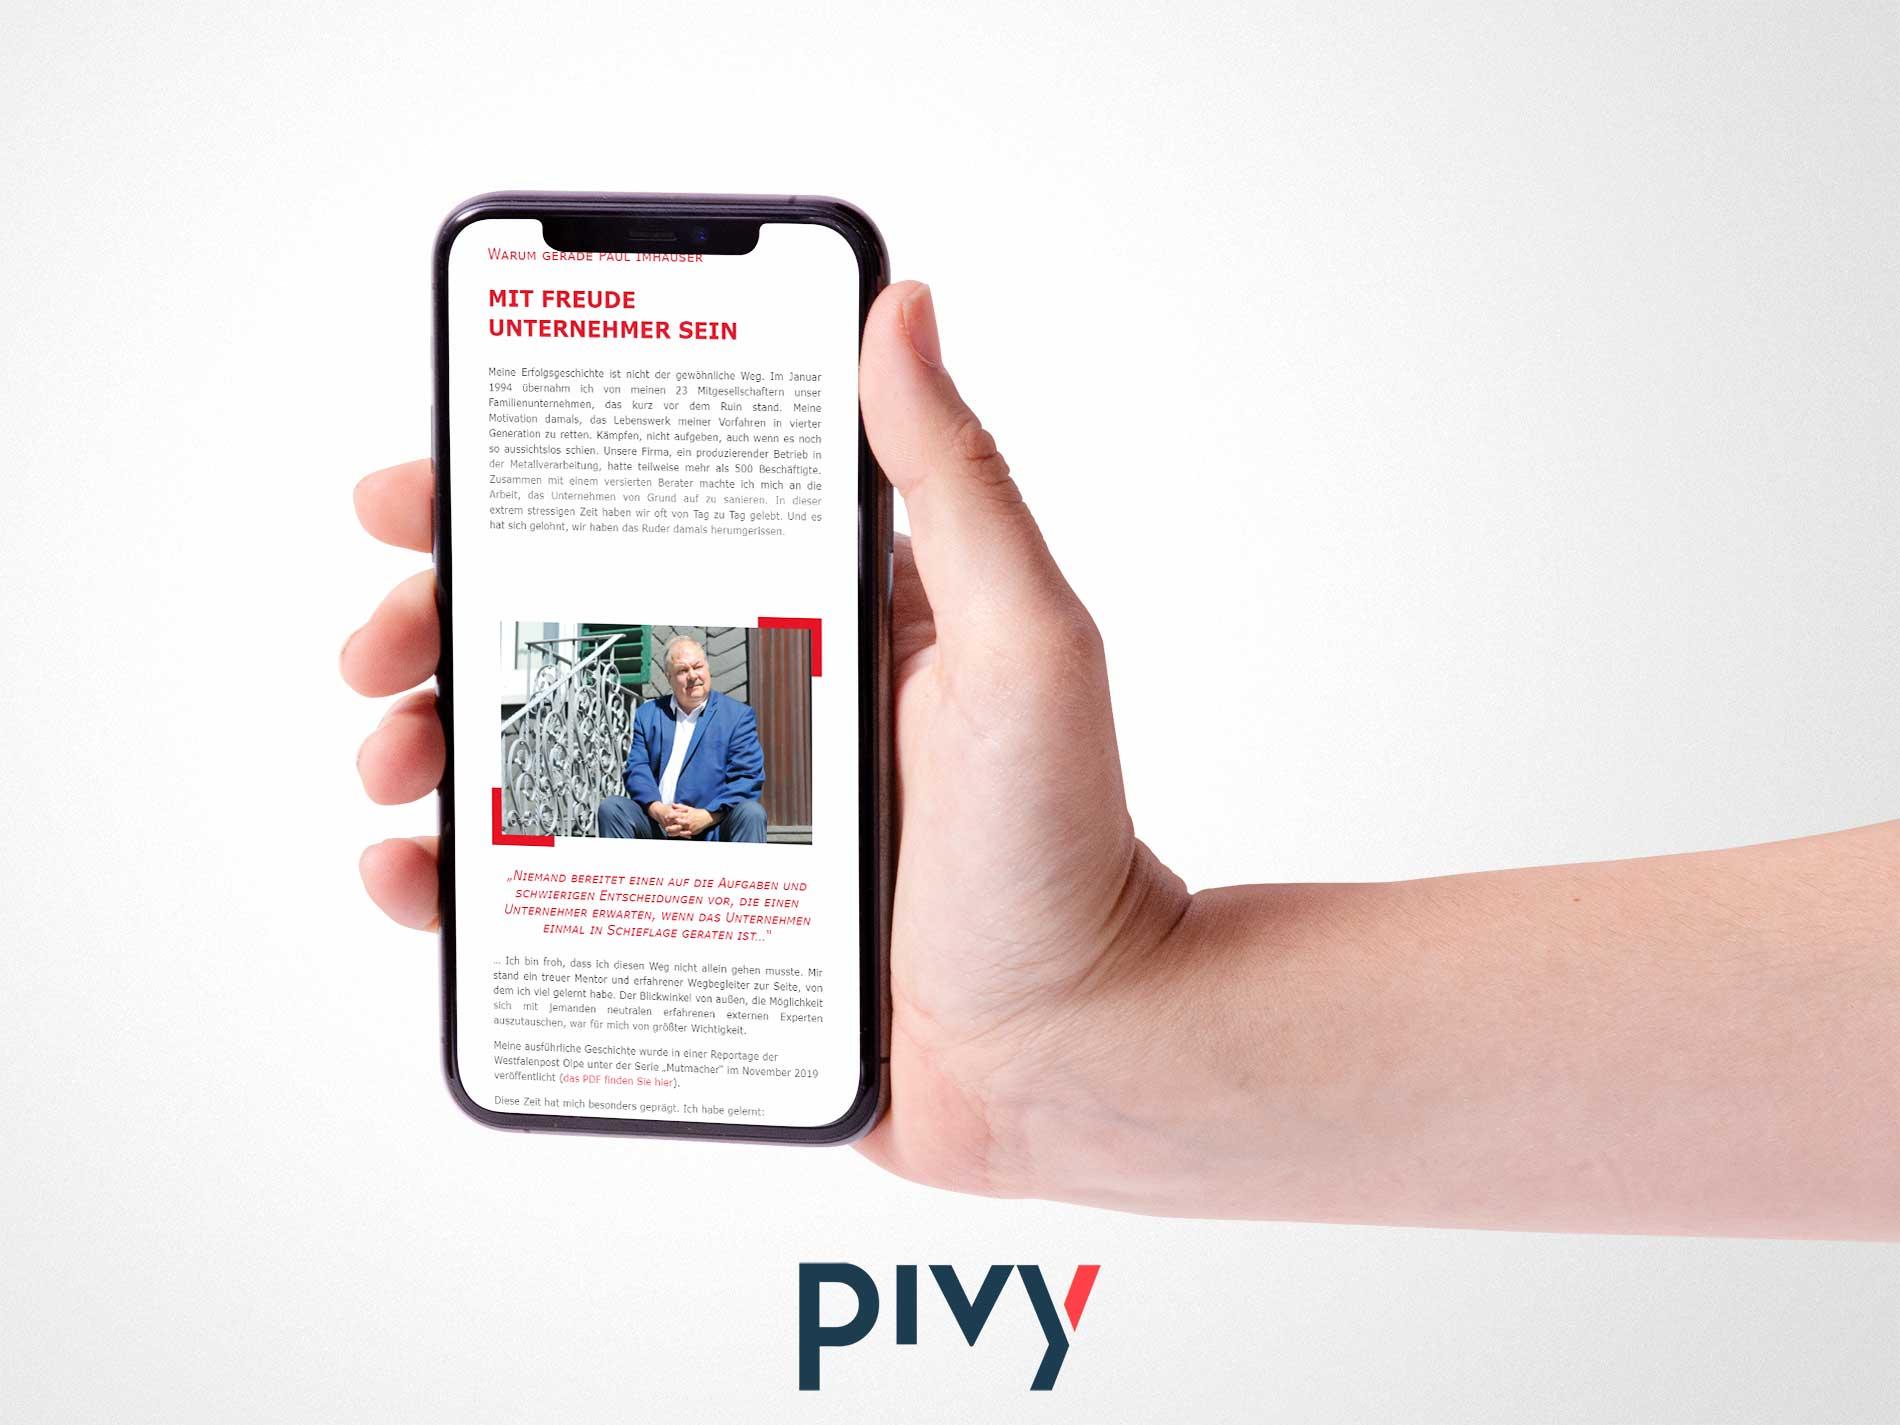 Paul Imhäuser Inhaberstrategien Website auf Smartphone